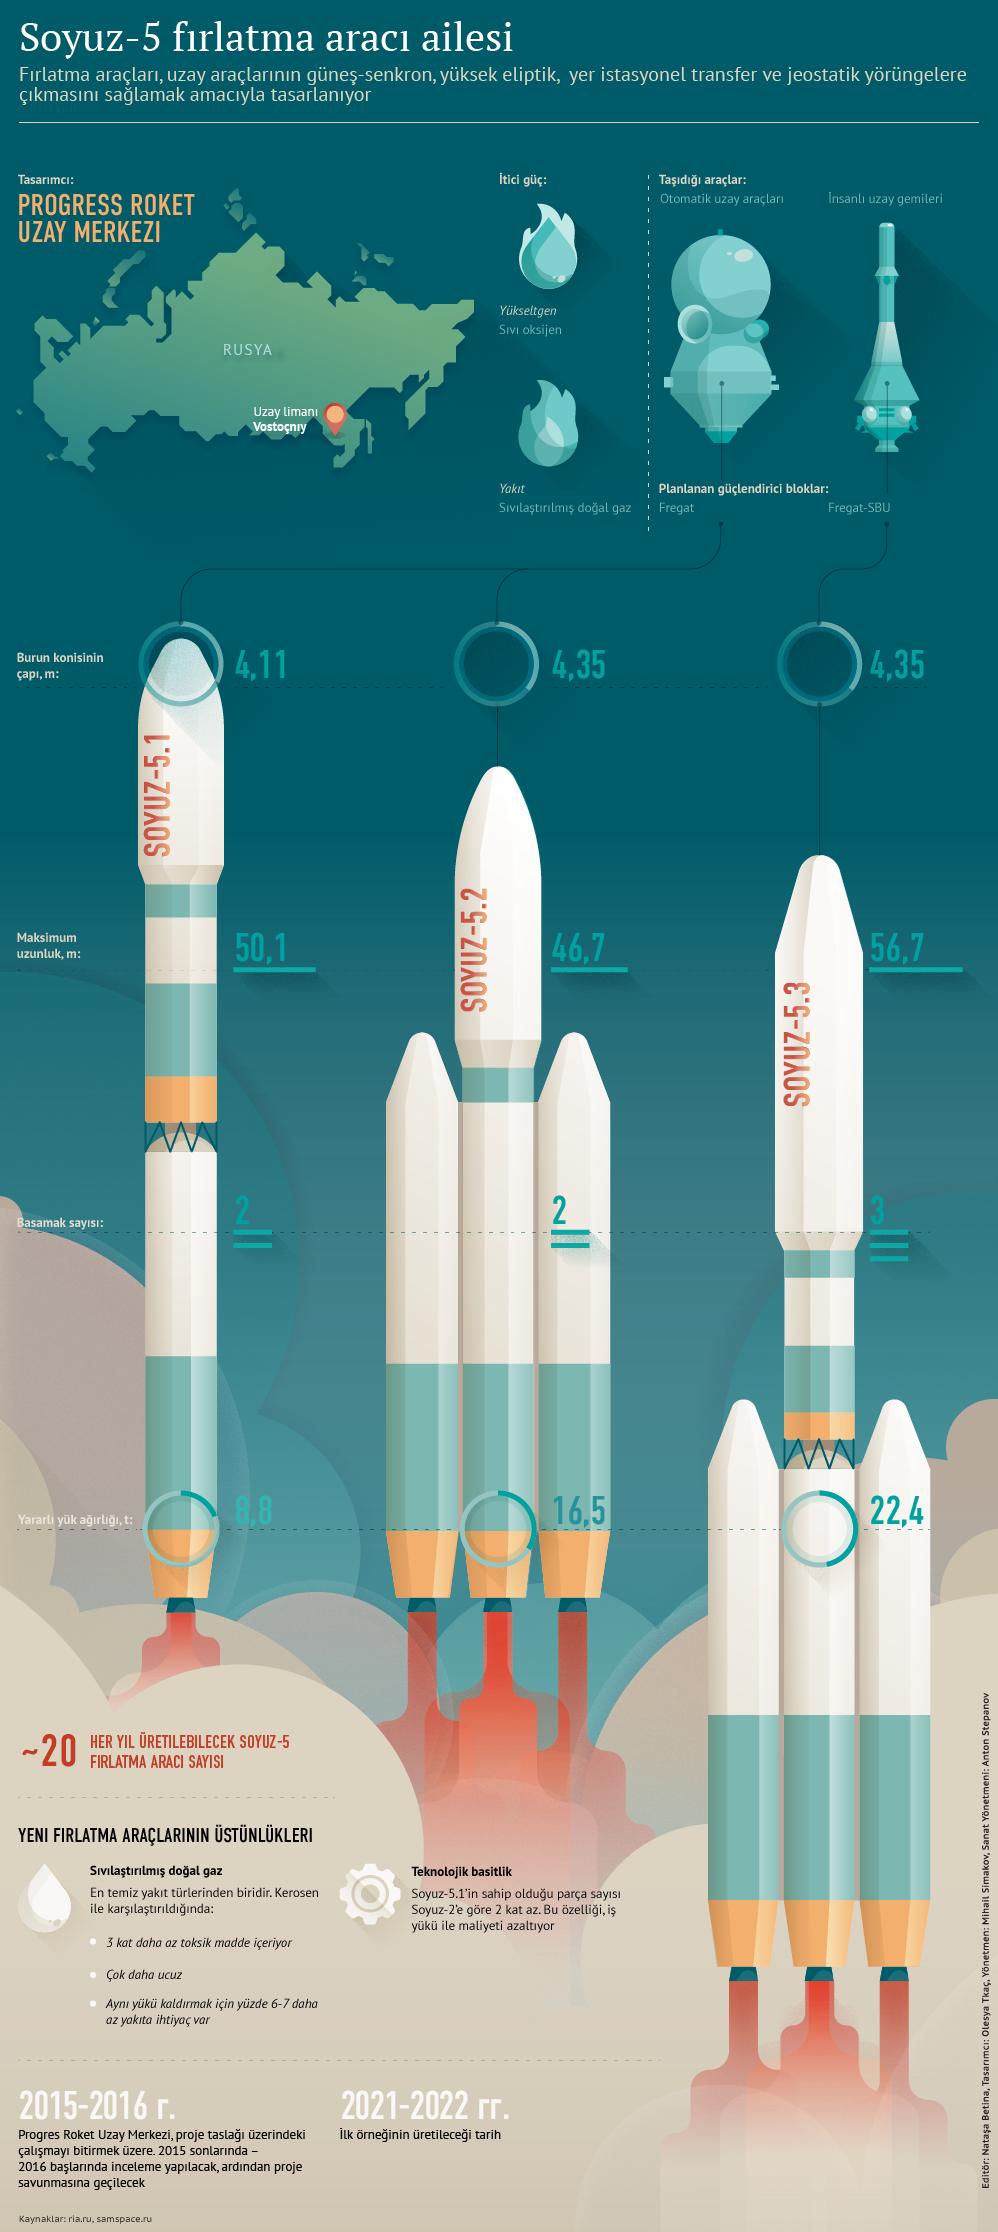 Soyuz-5 fırlatma aracı ailesi